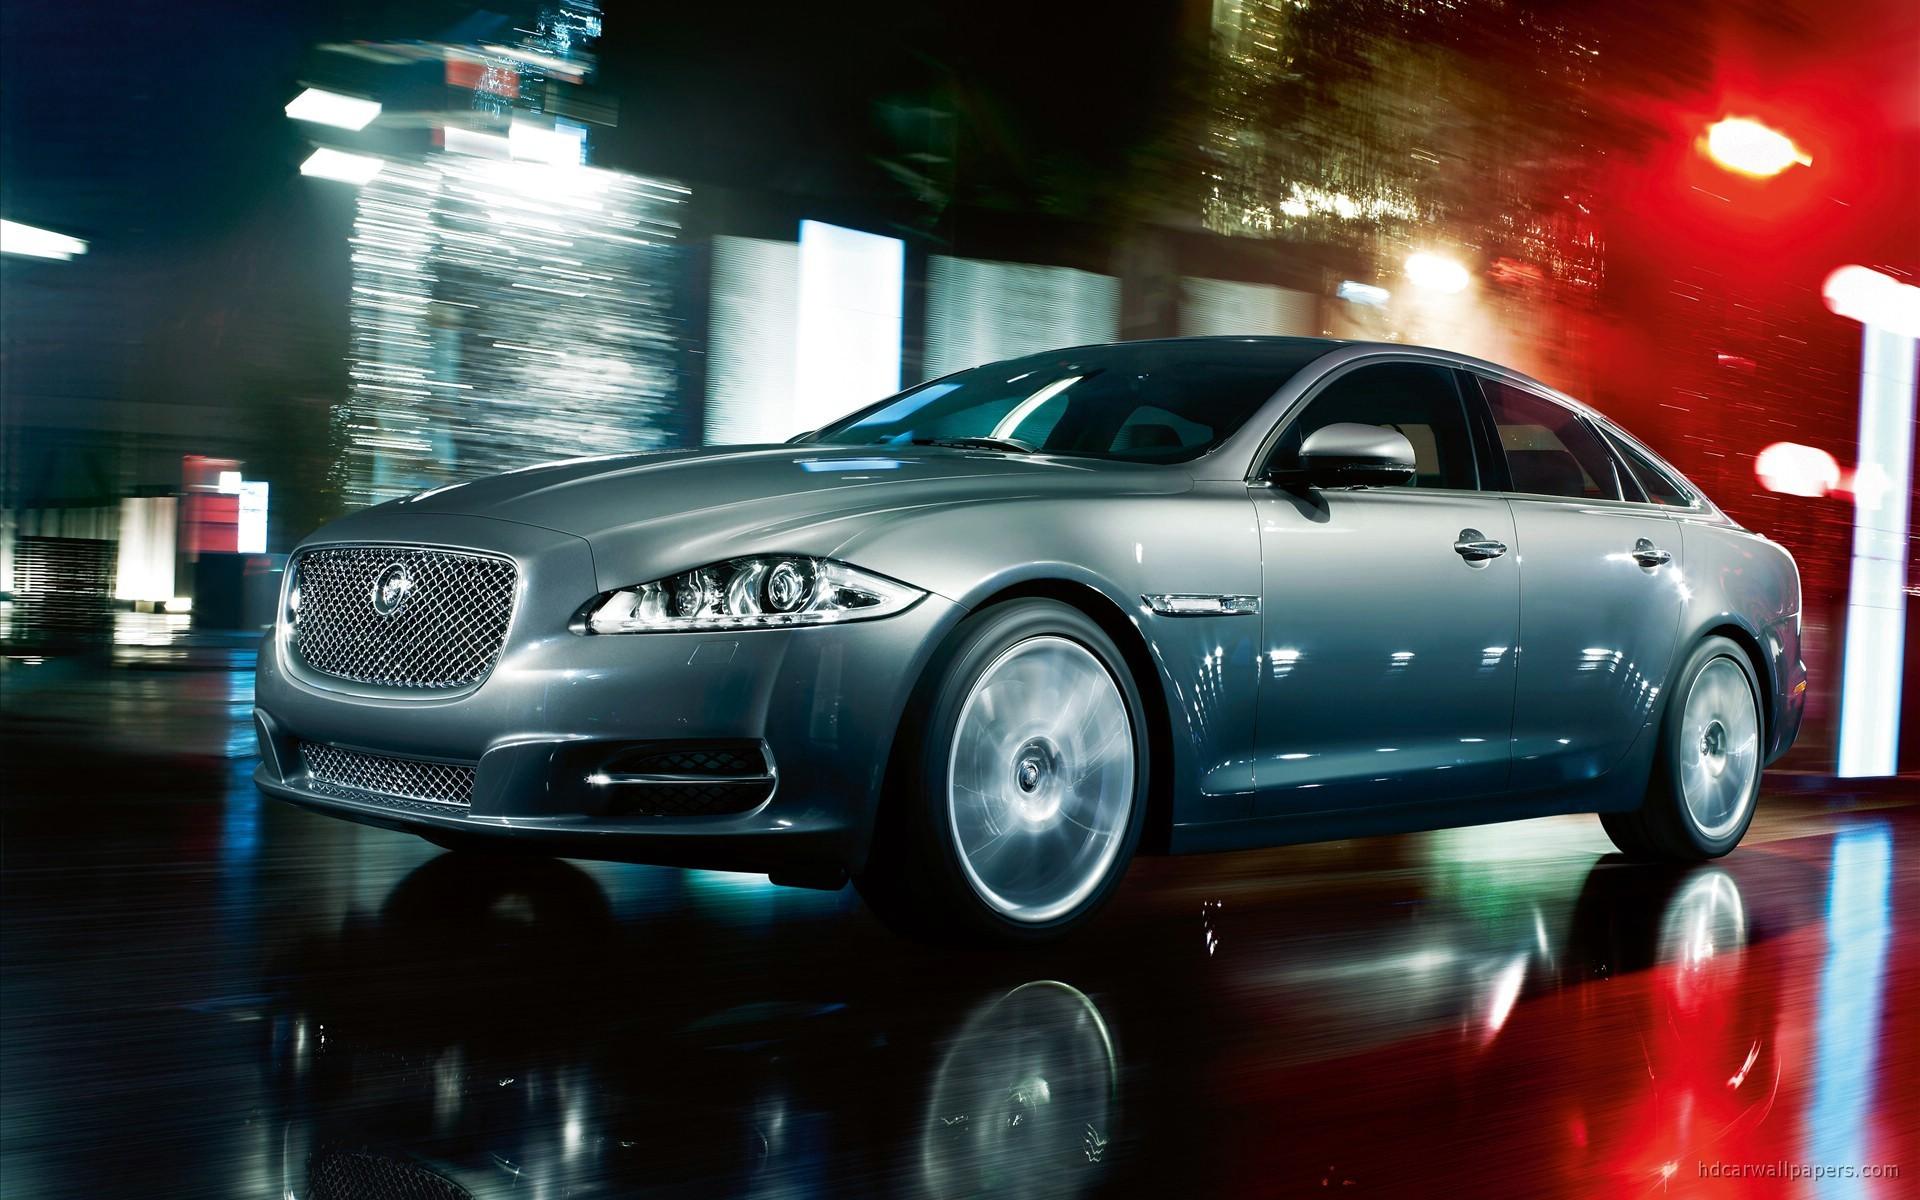 2010 Jaguar XJ 3 Wallpaper | HD Car Wallpapers | ID #1009